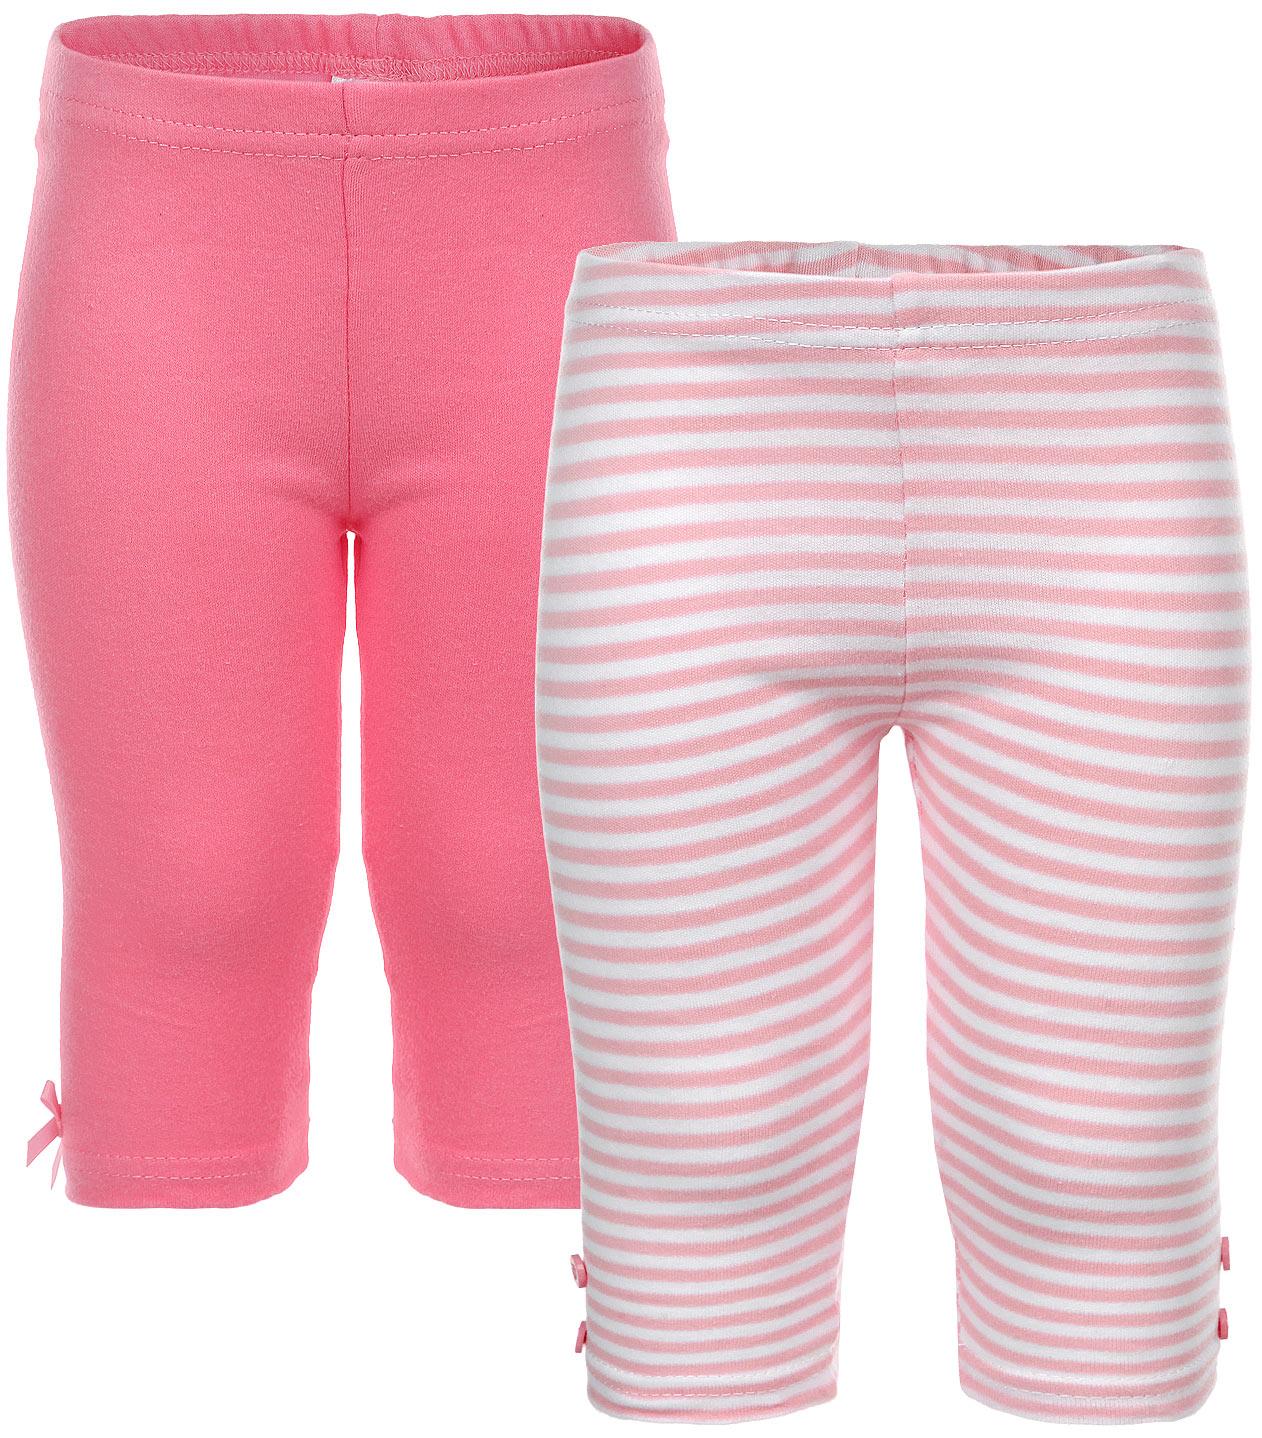 Леггинсы для девочки PlayToday Baby, цвет: розовый, белый, 2 шт. 168806. Размер 62168806Стильные леггинсы для девочки PlayToday Baby идеально подойдут для активного отдыха и прогулок. Изготовленные из натурального 100% хлопка, они необычайно мягкие и приятные на ощупь, не сковывают движения малыша и позволяют коже дышать, не раздражают даже самую нежную и чувствительную кожу ребенка, обеспечивая наибольший комфорт. Удобные леггинсы имеют широкую эластичную резинку на поясе, которая не сдавливает животик малышки, обеспечивая ей комфорт и удобство. В комплект входят 2 леггинсов: однотонные и оформленные стильным принтом в полоску.Оригинальный современный дизайн и расцветка делают эти леггинсы модным и стильным предметом детского гардероба. В них ваша малышка всегда будет в центре внимания!